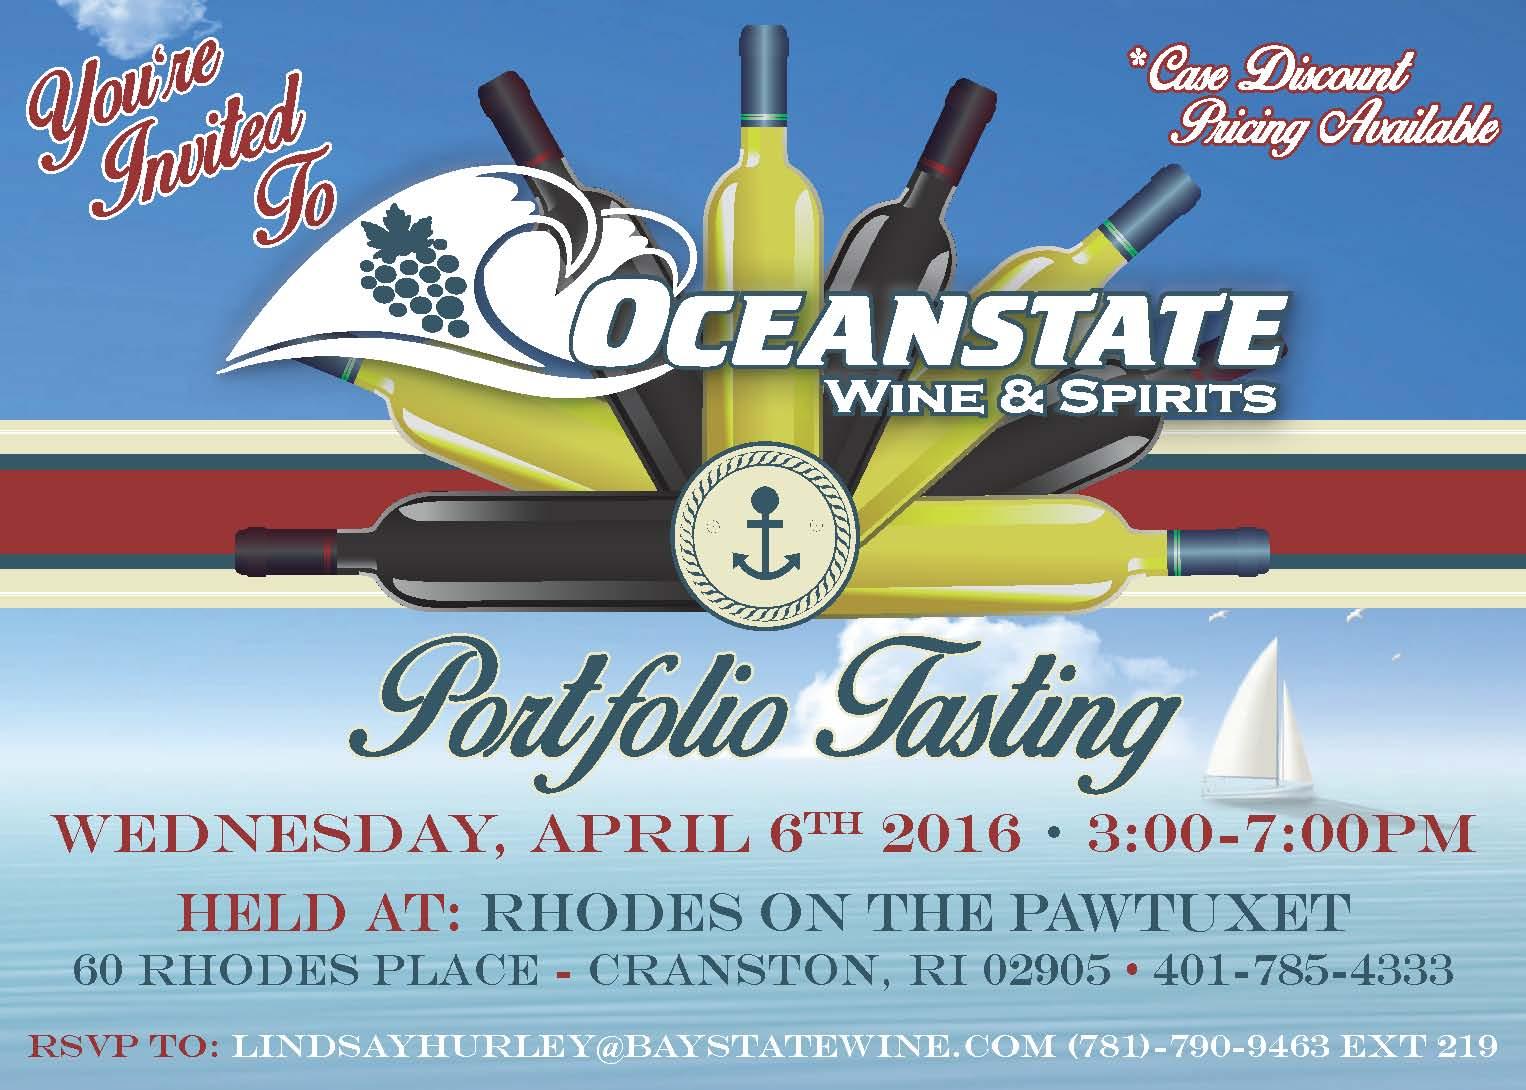 April 6, 2016: Trade Event/Oceanstate Wine & Spirits Portfolio Tasting